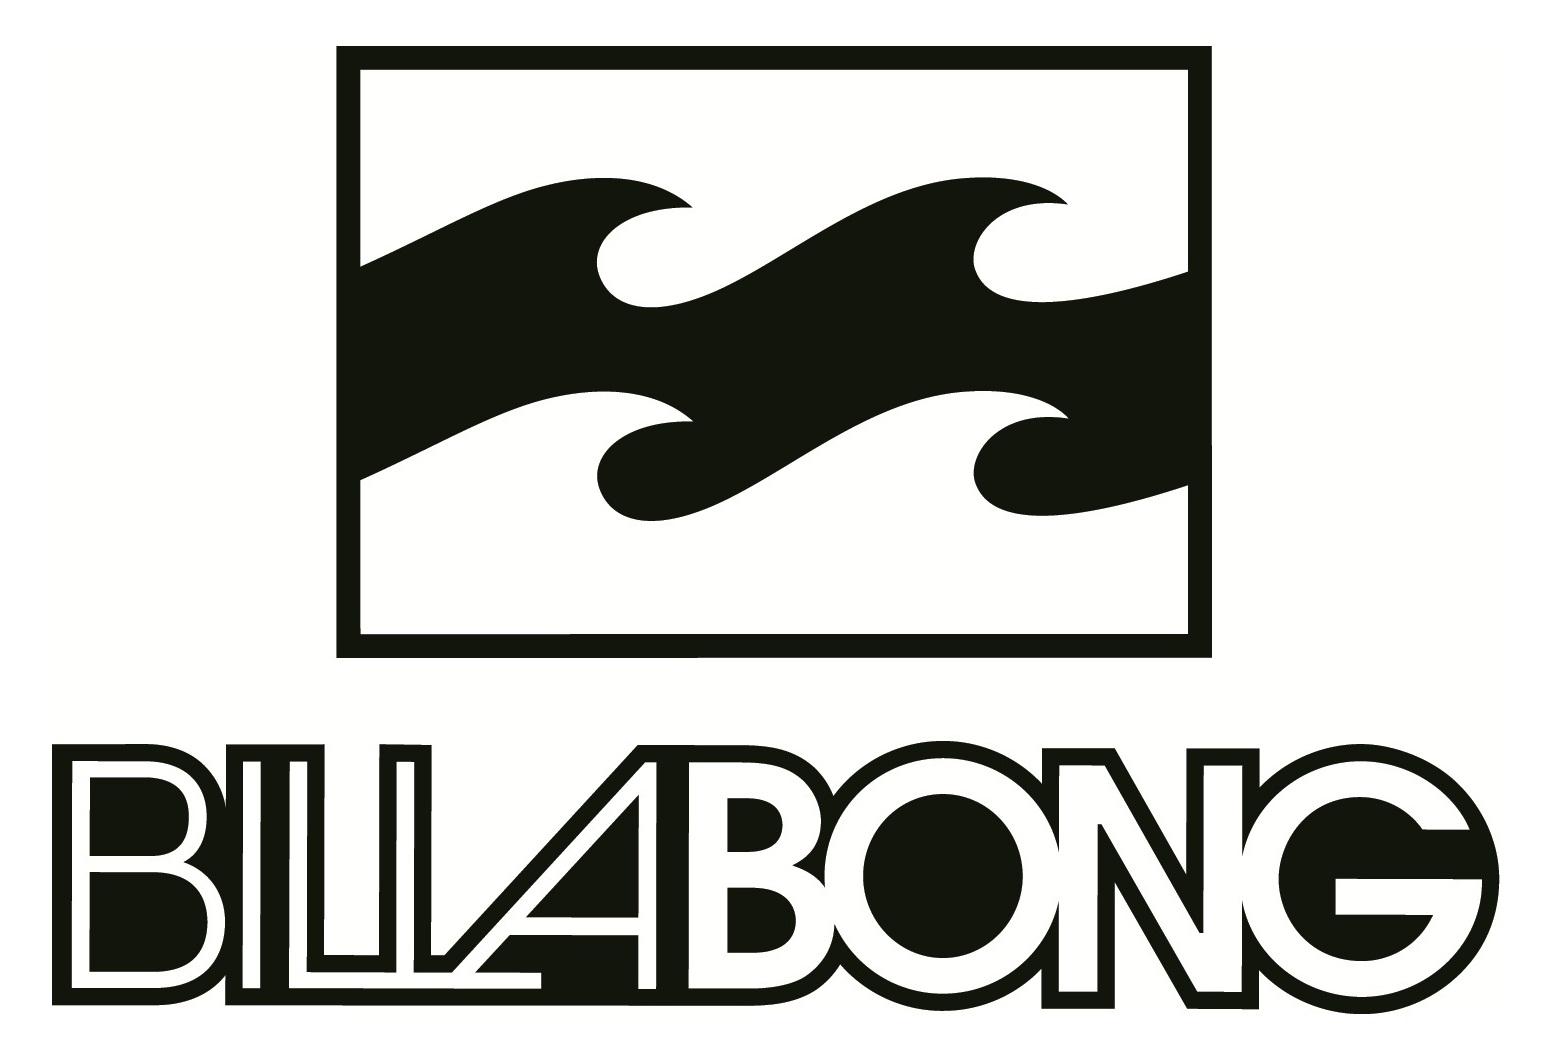 billabong appoints new cfo boardsport source